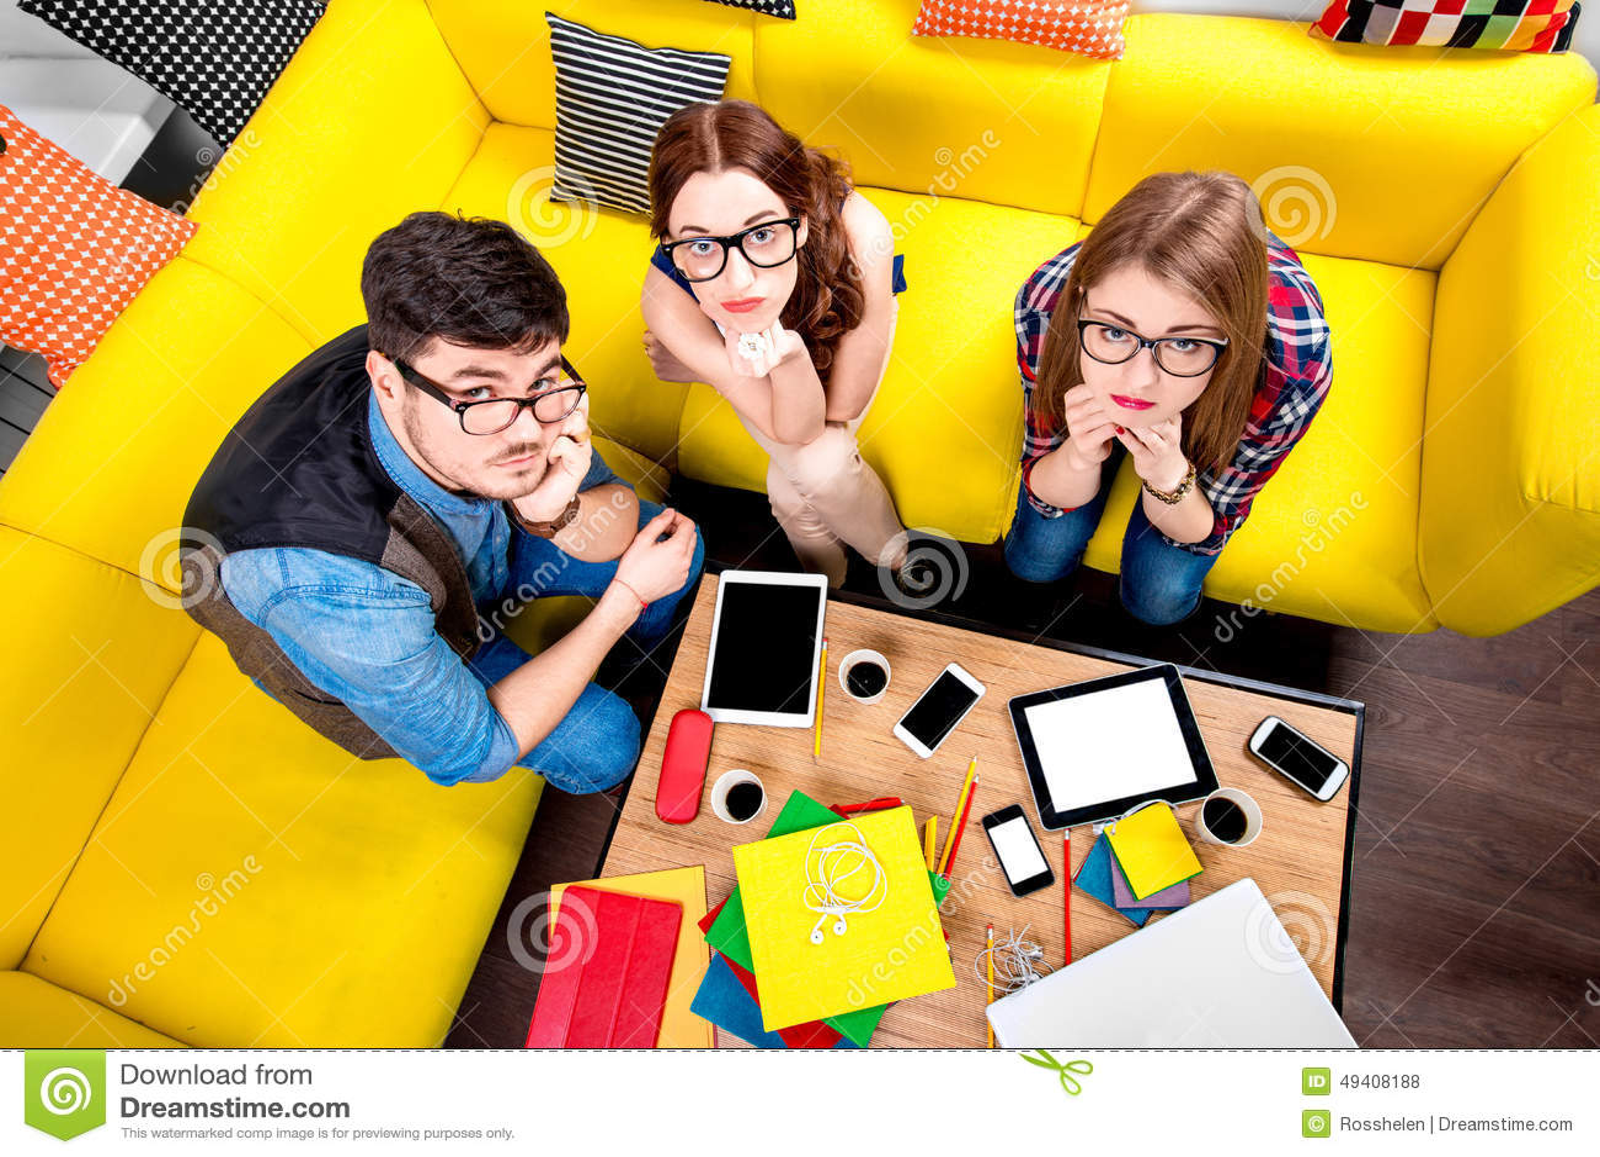 Download Drei Sonderlinge Auf Der Couch Stockfoto - Bild von kissen, person: 49408188